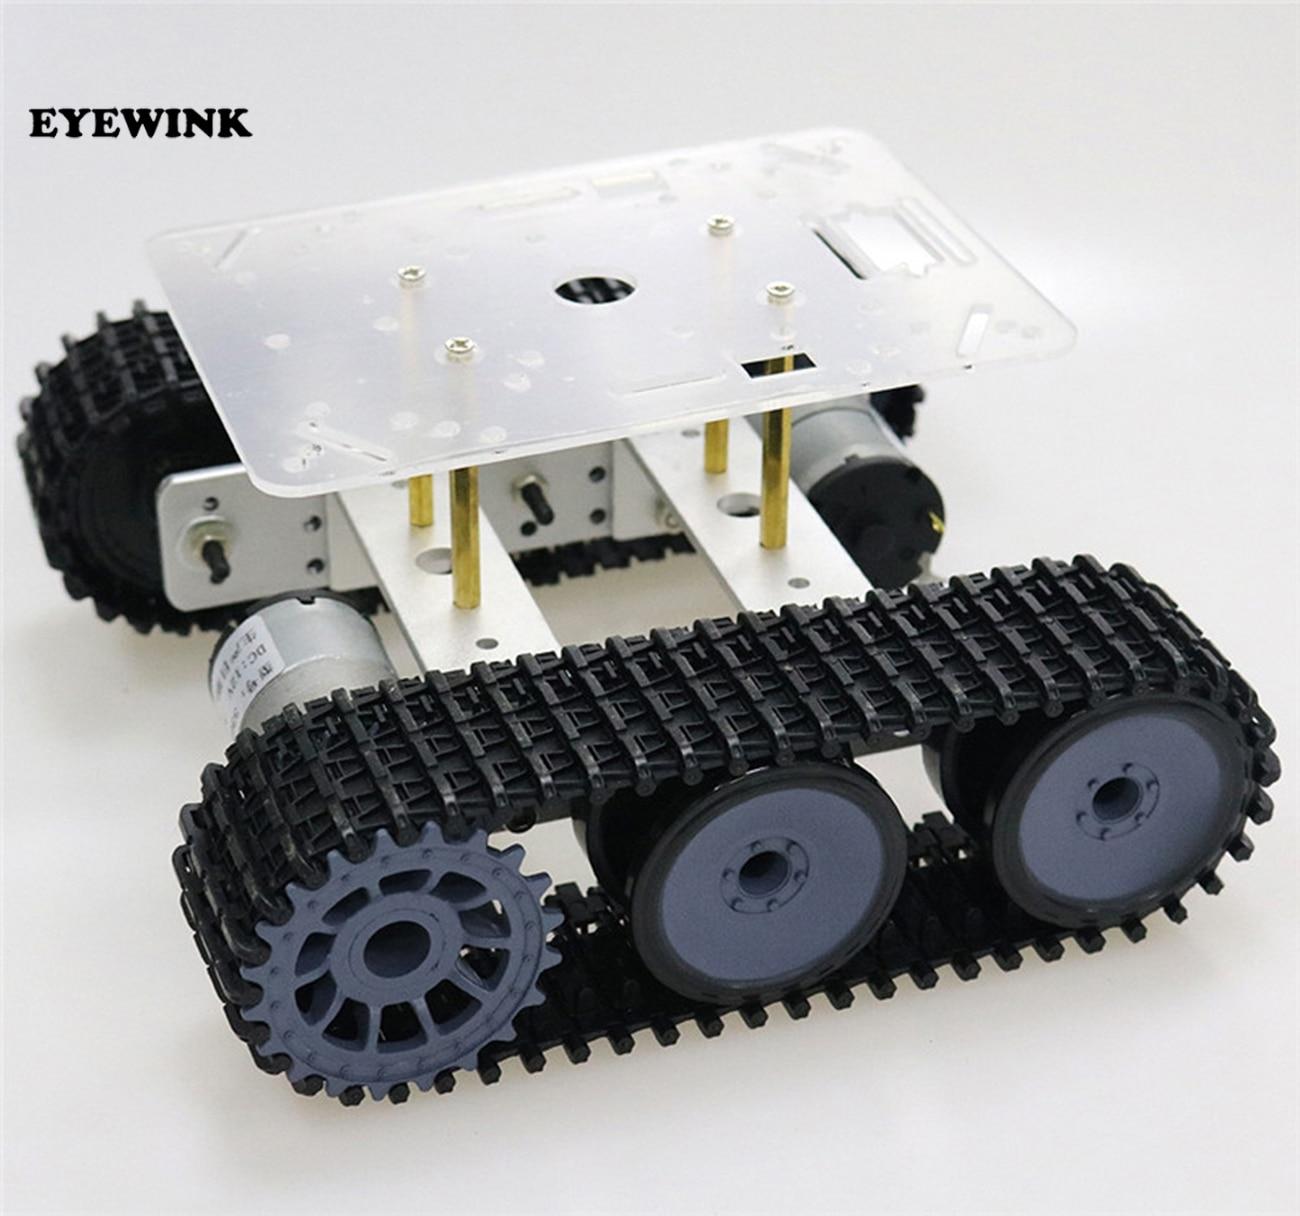 RC Robot Tanque Chassis de Metal mini TP100 Veículo Rastreado com Plástico Faixa de Lagartas Caterpillar para Arduino diy kit educativo